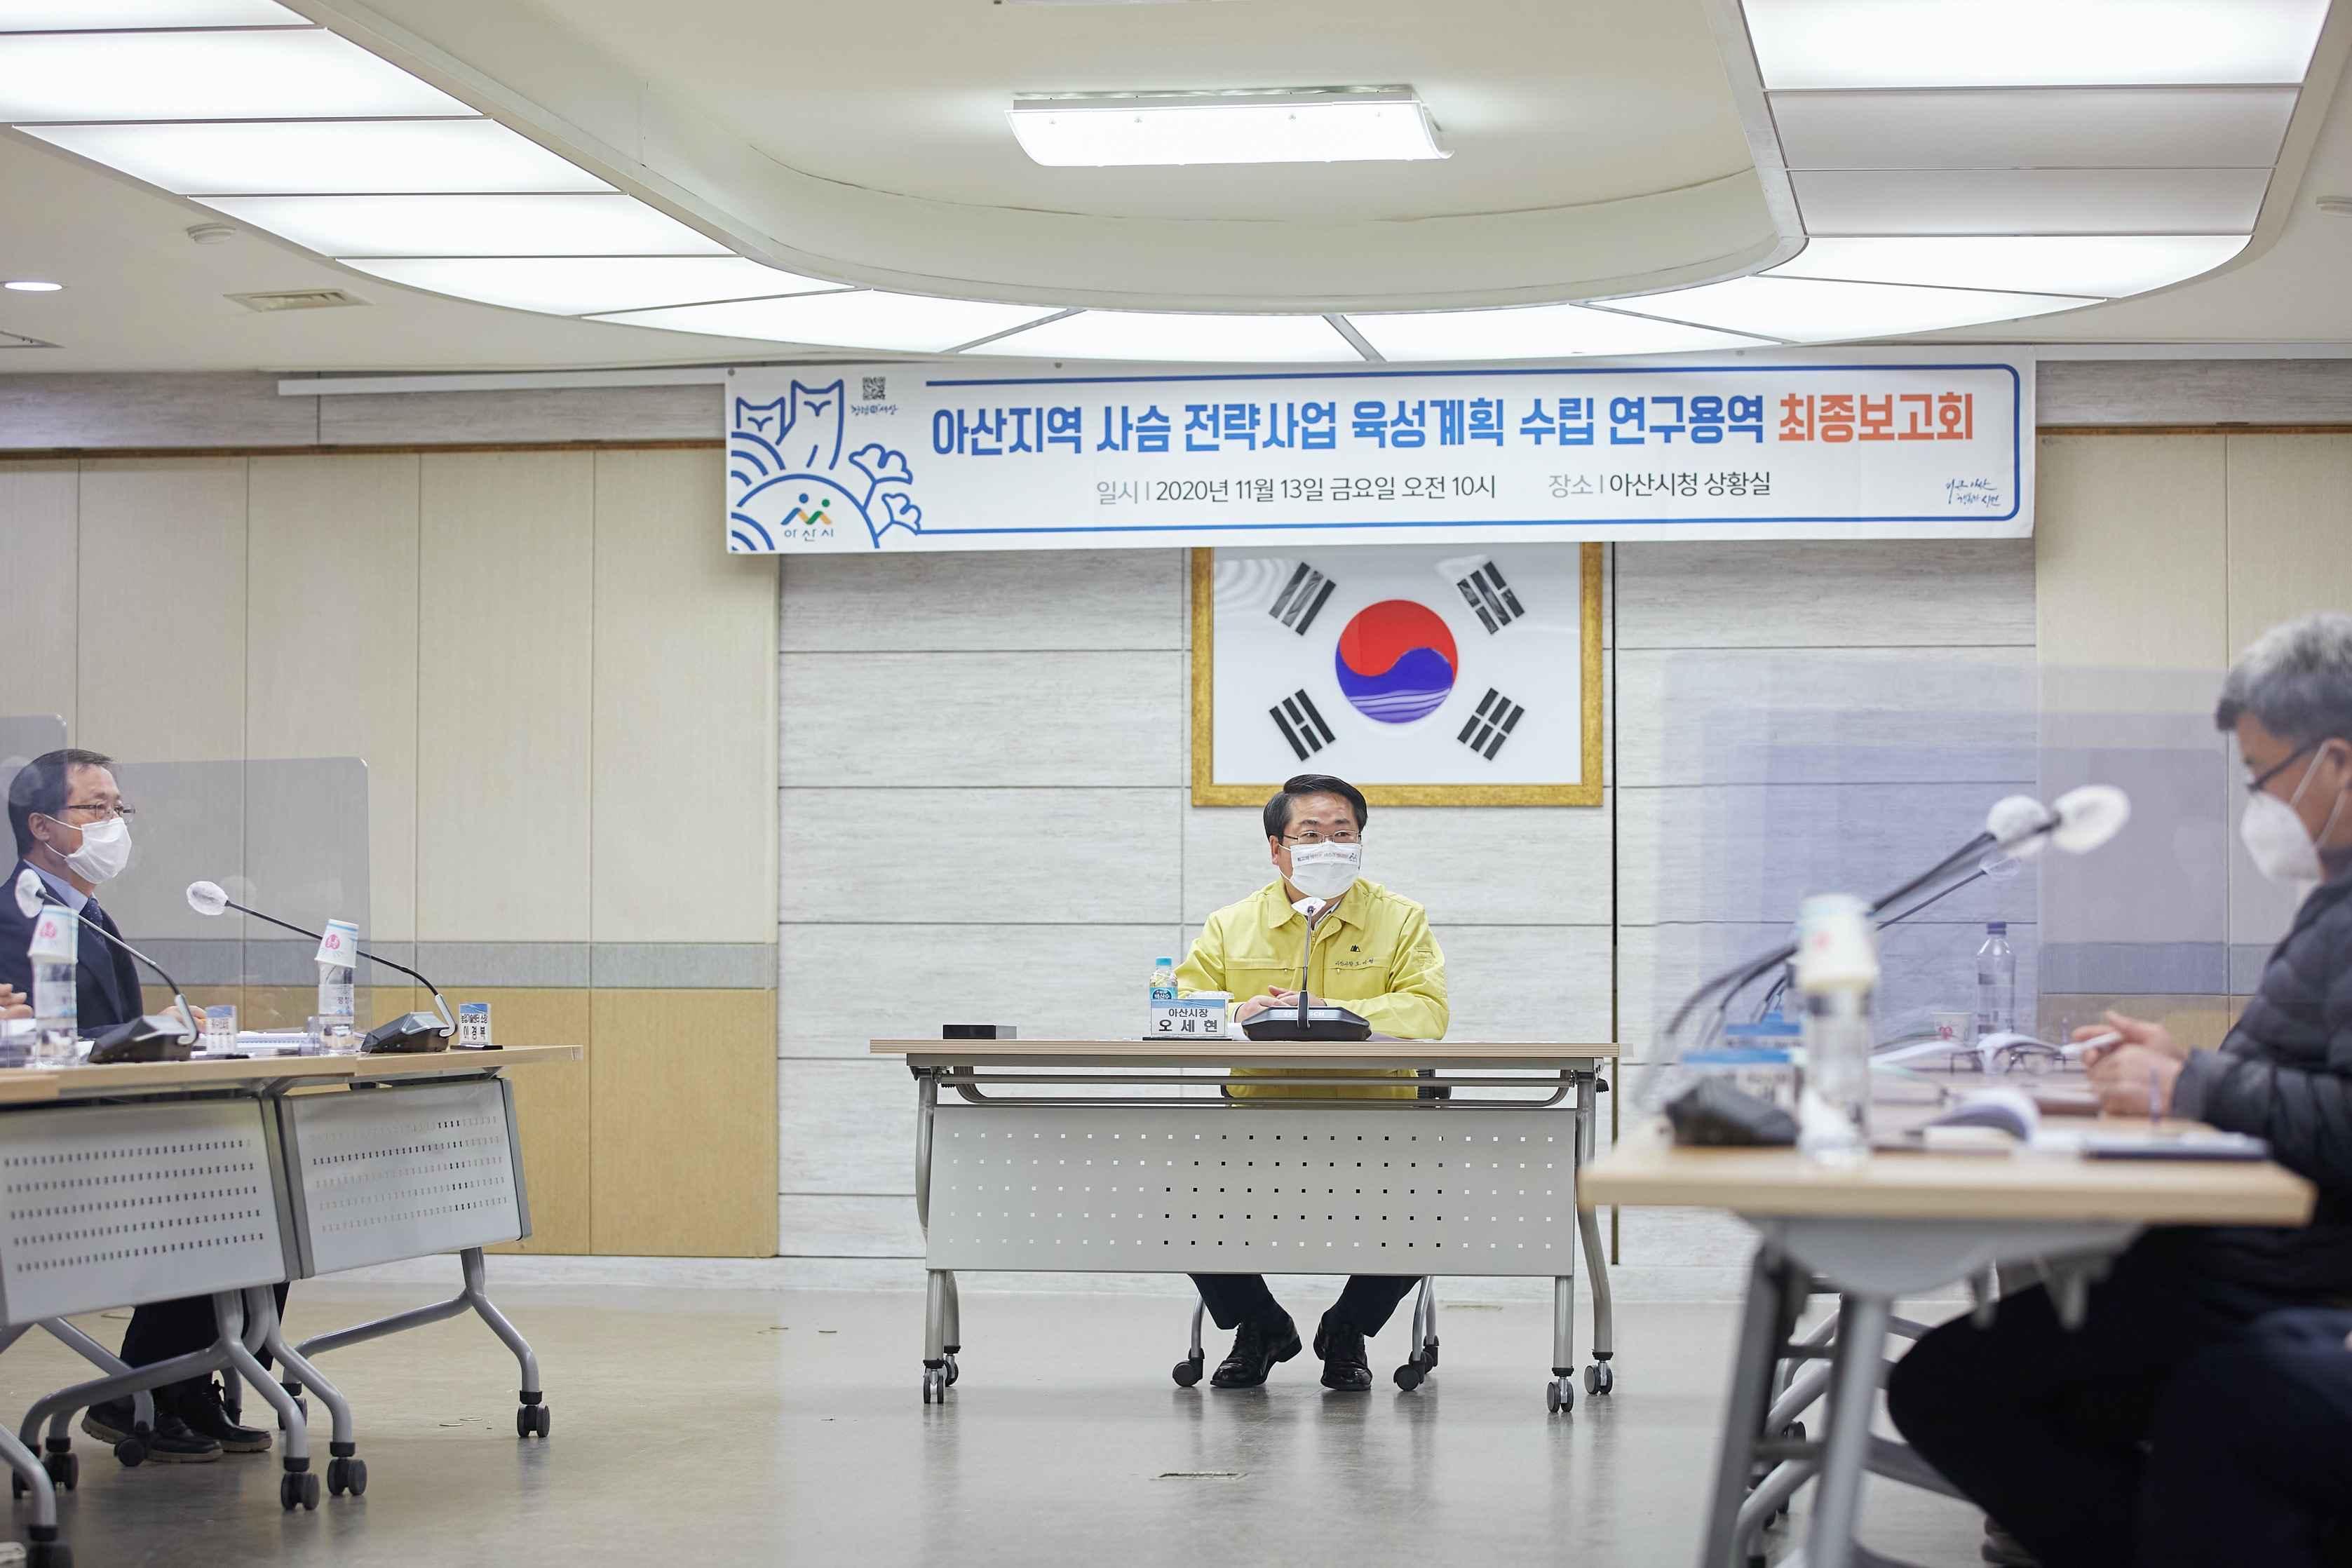 아산시, 사슴 전략사업 육성계획 수립 연구용역 최종보고회 개최 관련사진